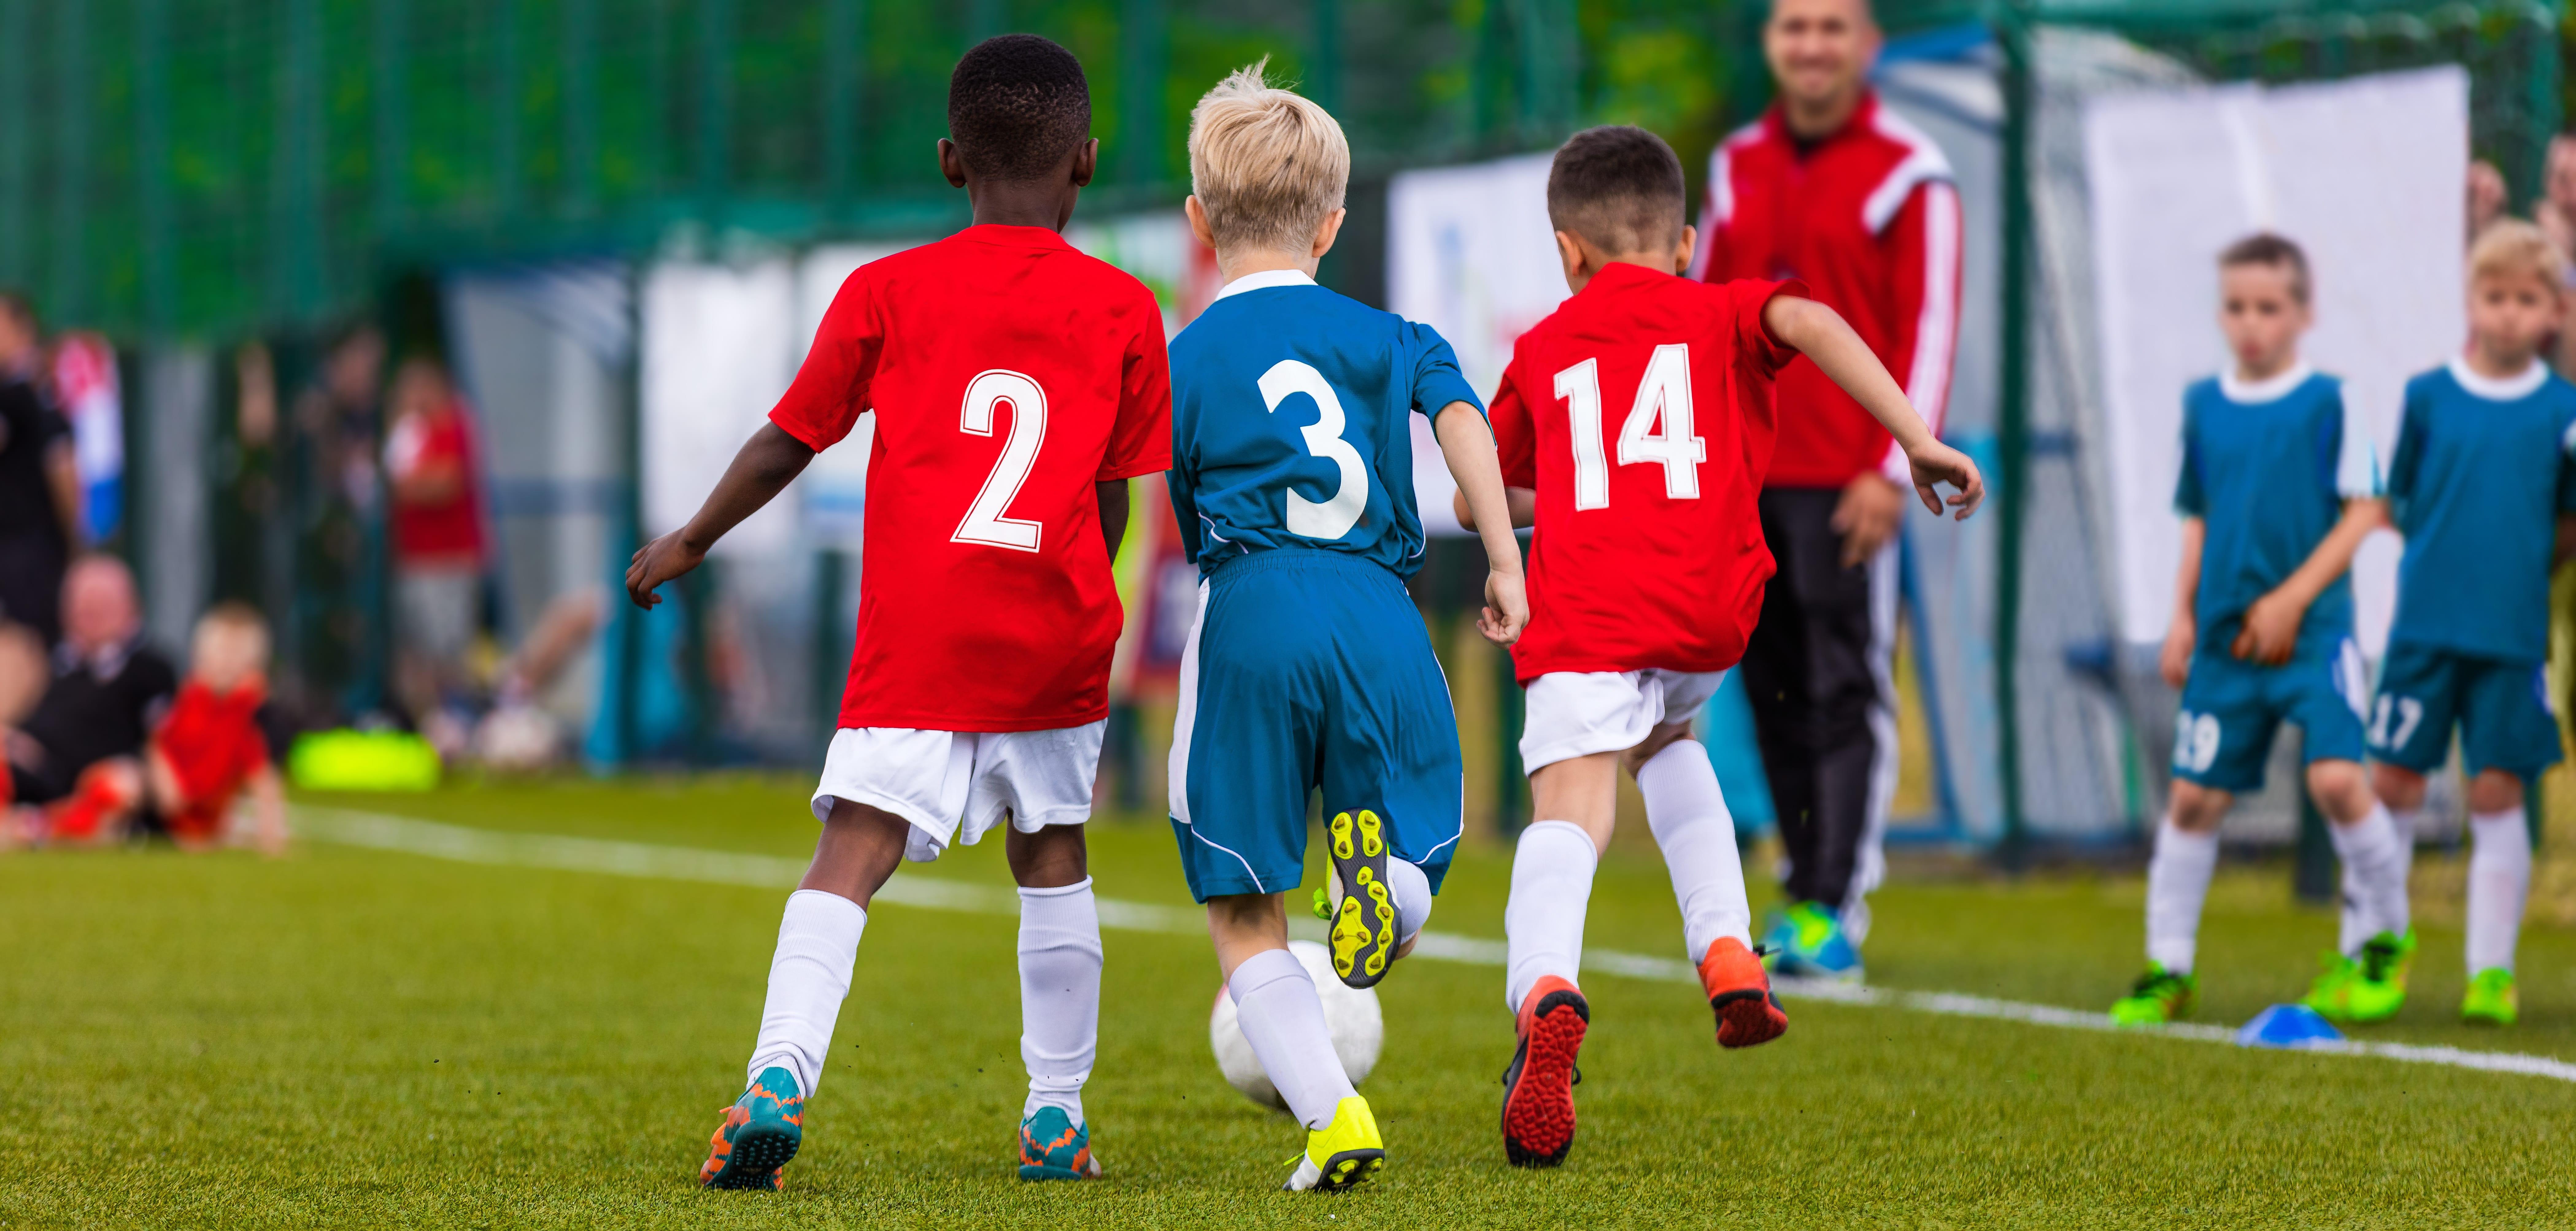 weekend activities - soccer